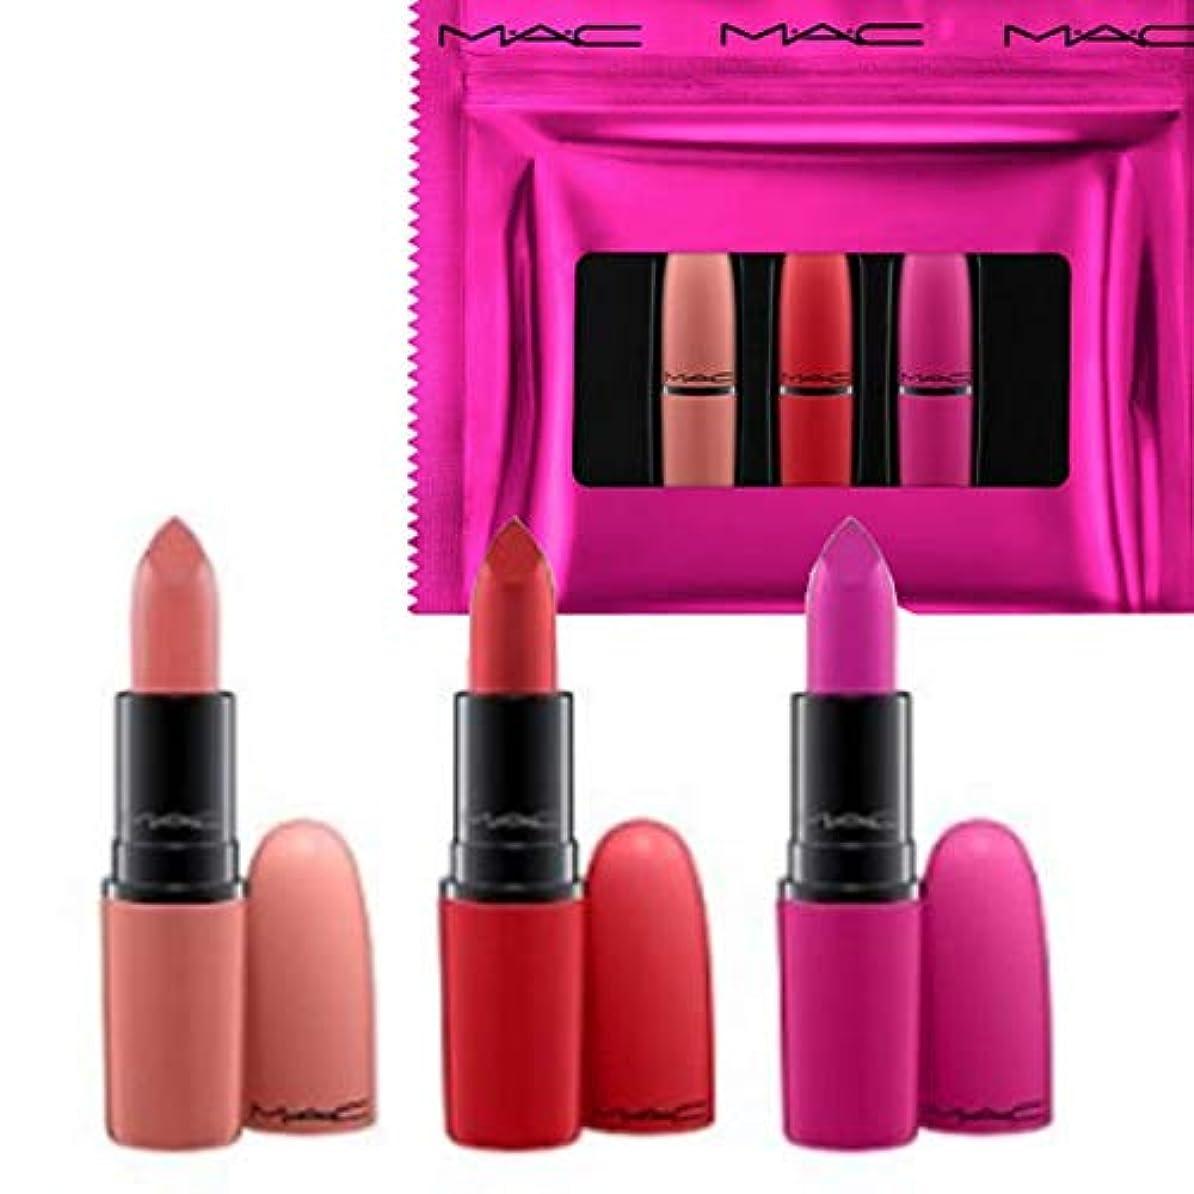 いっぱい謙虚フルーツM.A.C ?マック, Limited Edition 限定版, 3-Pc. Shiny Pretty Things Lip Set - Russian Red/Kinda Sexy/Flat Out Fabulous...